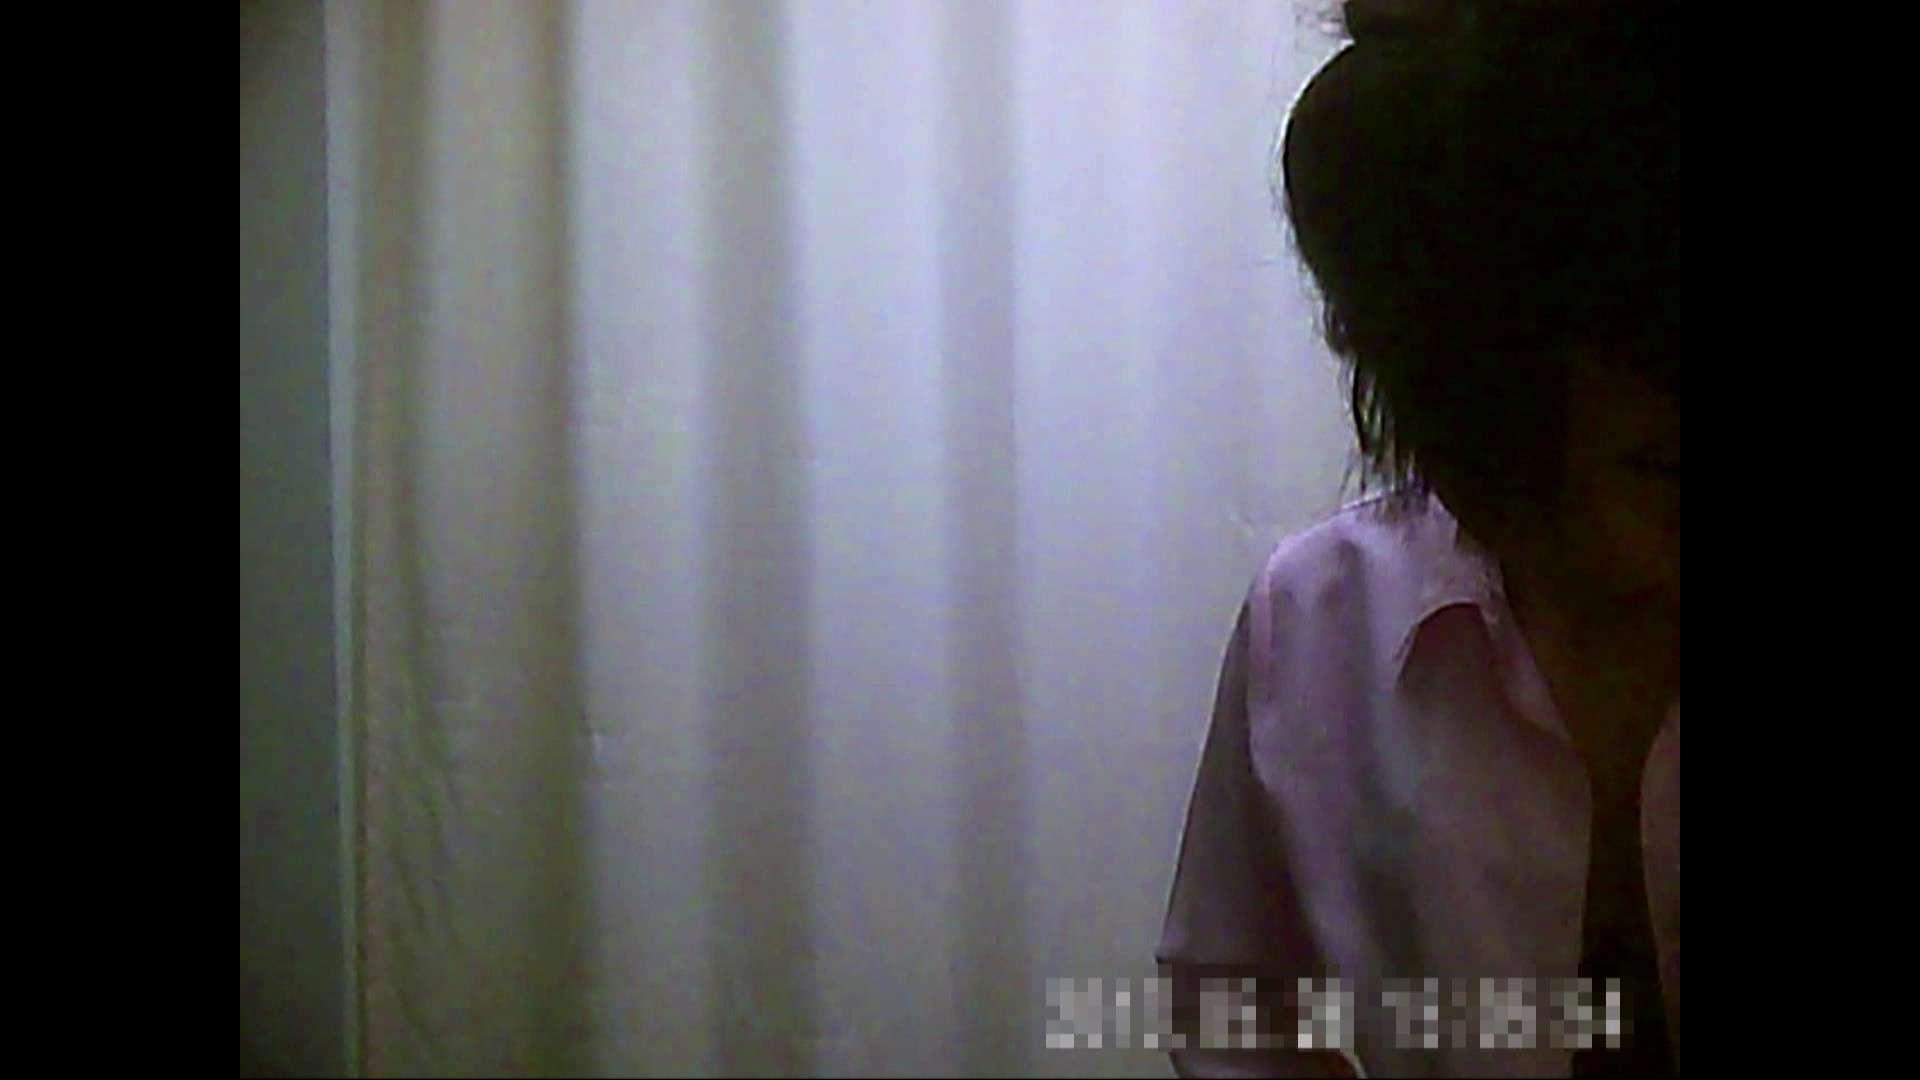 セックスアダルト動画|元医者による反抗 更衣室地獄絵巻 vol.041|怪盗ジョーカー